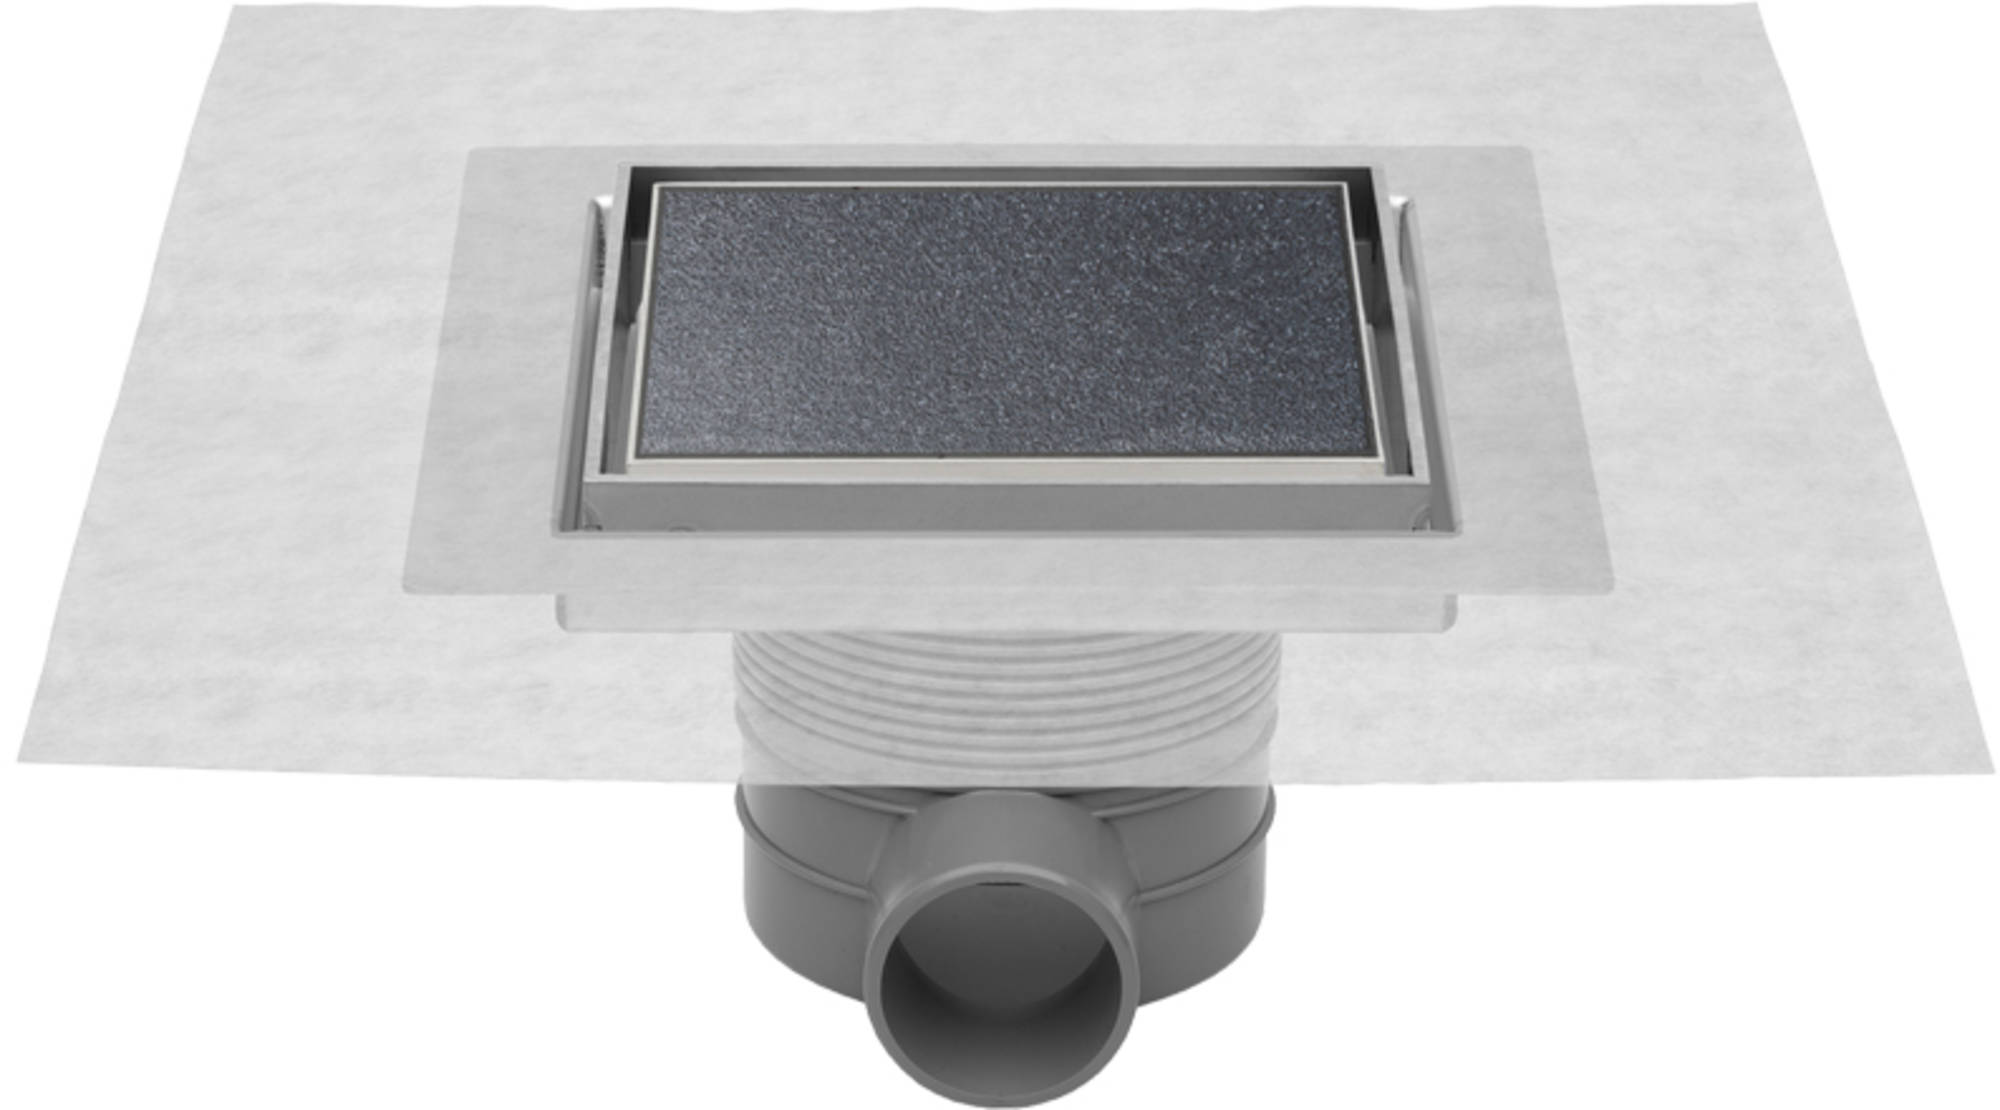 Easydrain Aqua jewels quattro vloerput rvs 10x10 cm, zu multi, tegel-rvs